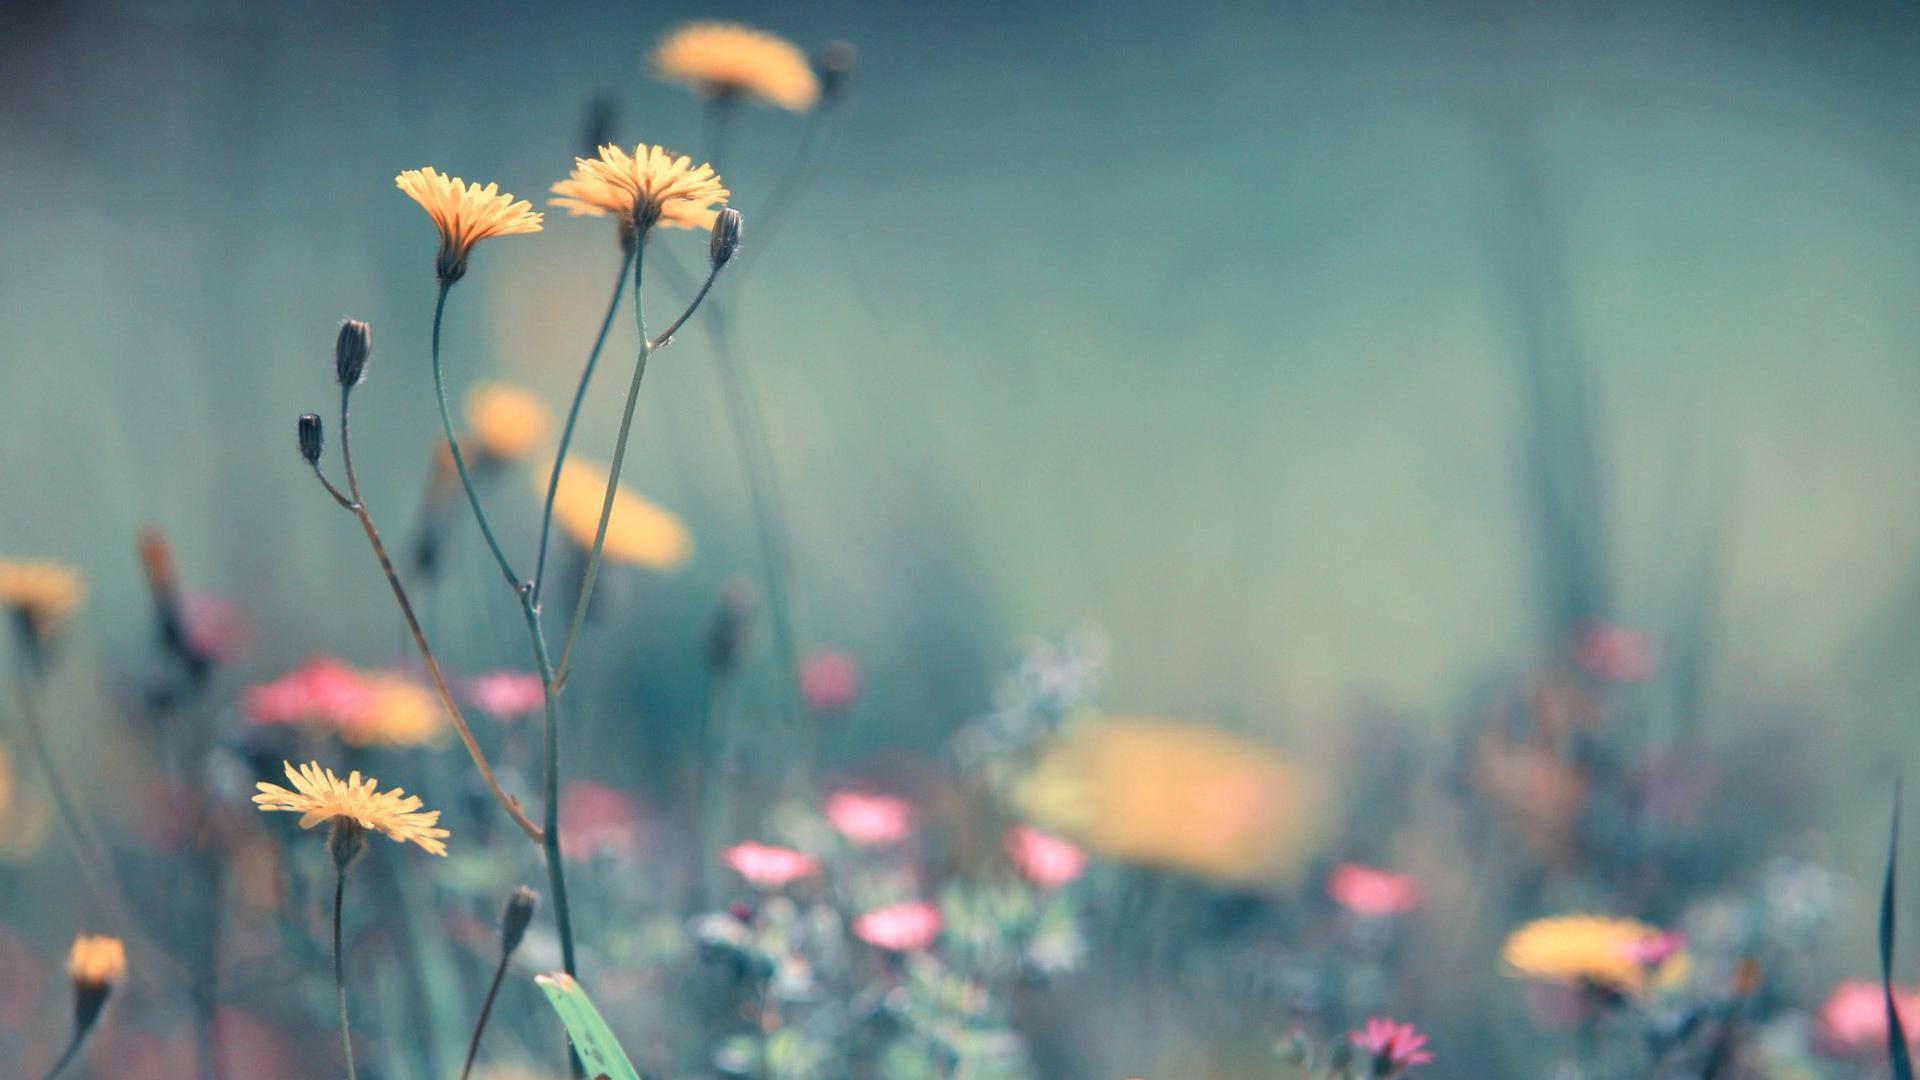 Full-Desktop-Spring-Flowers-wallpaper-wpc5805206